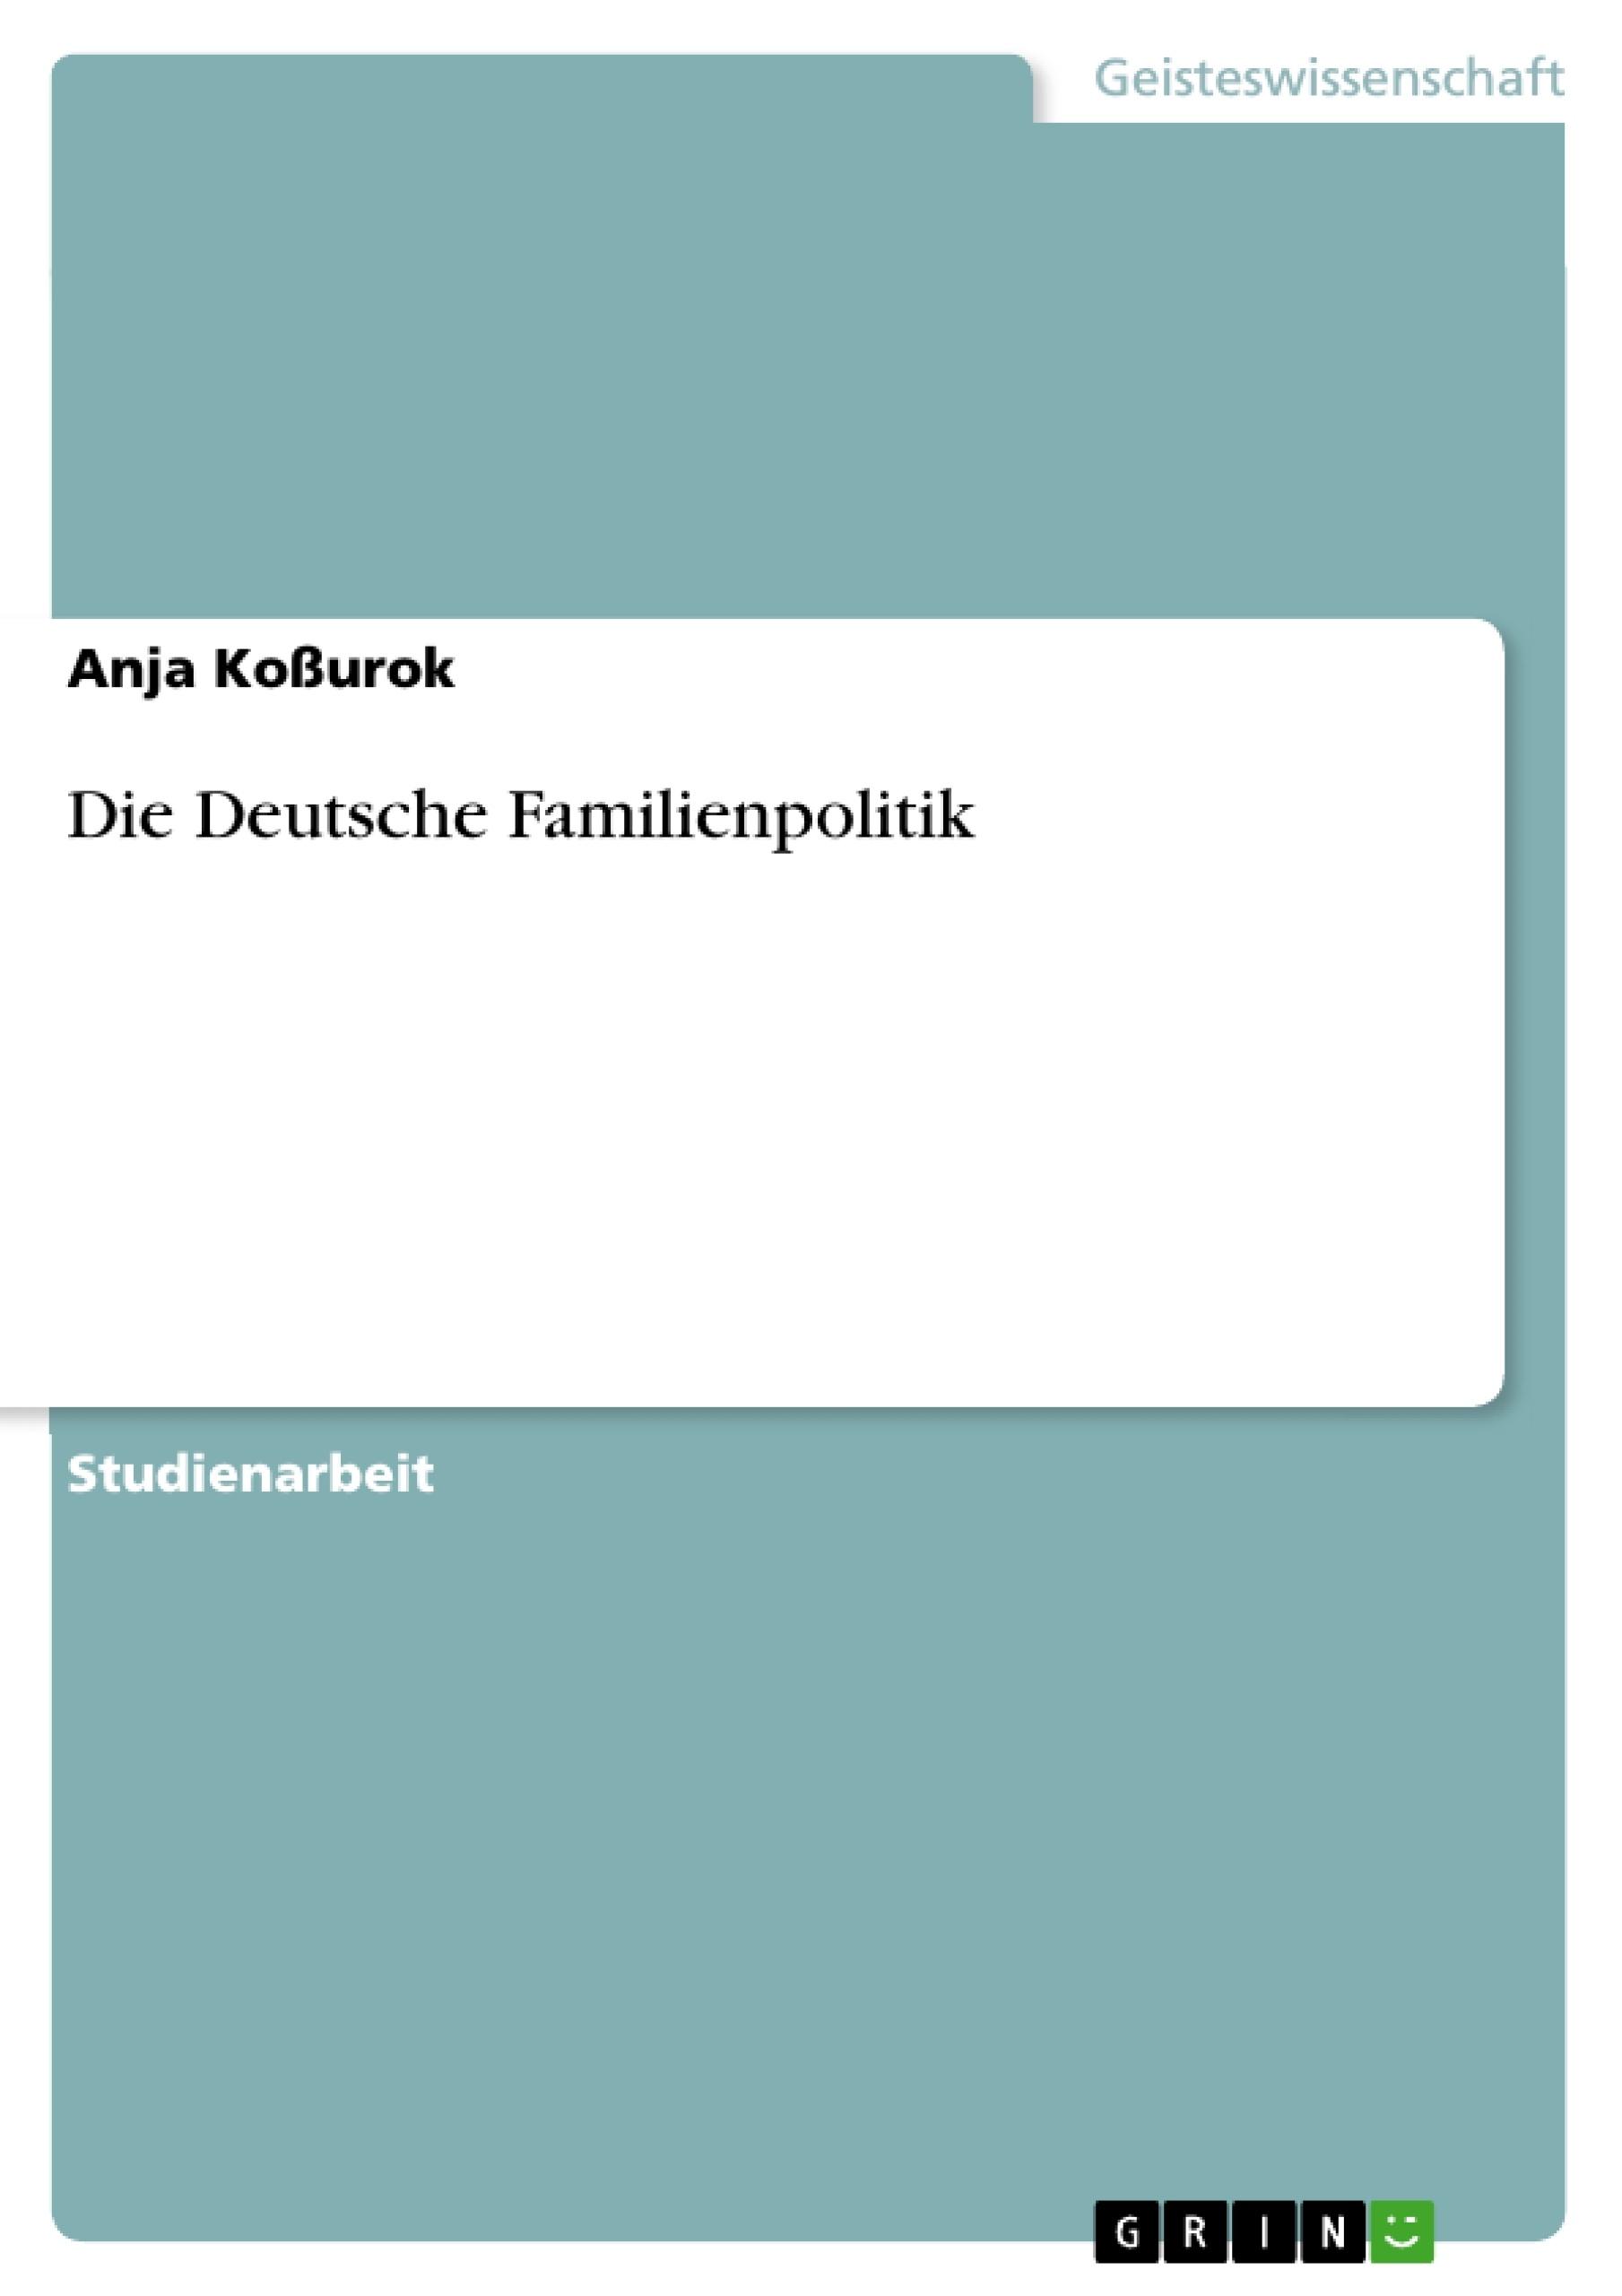 Titel: Die Deutsche Familienpolitik